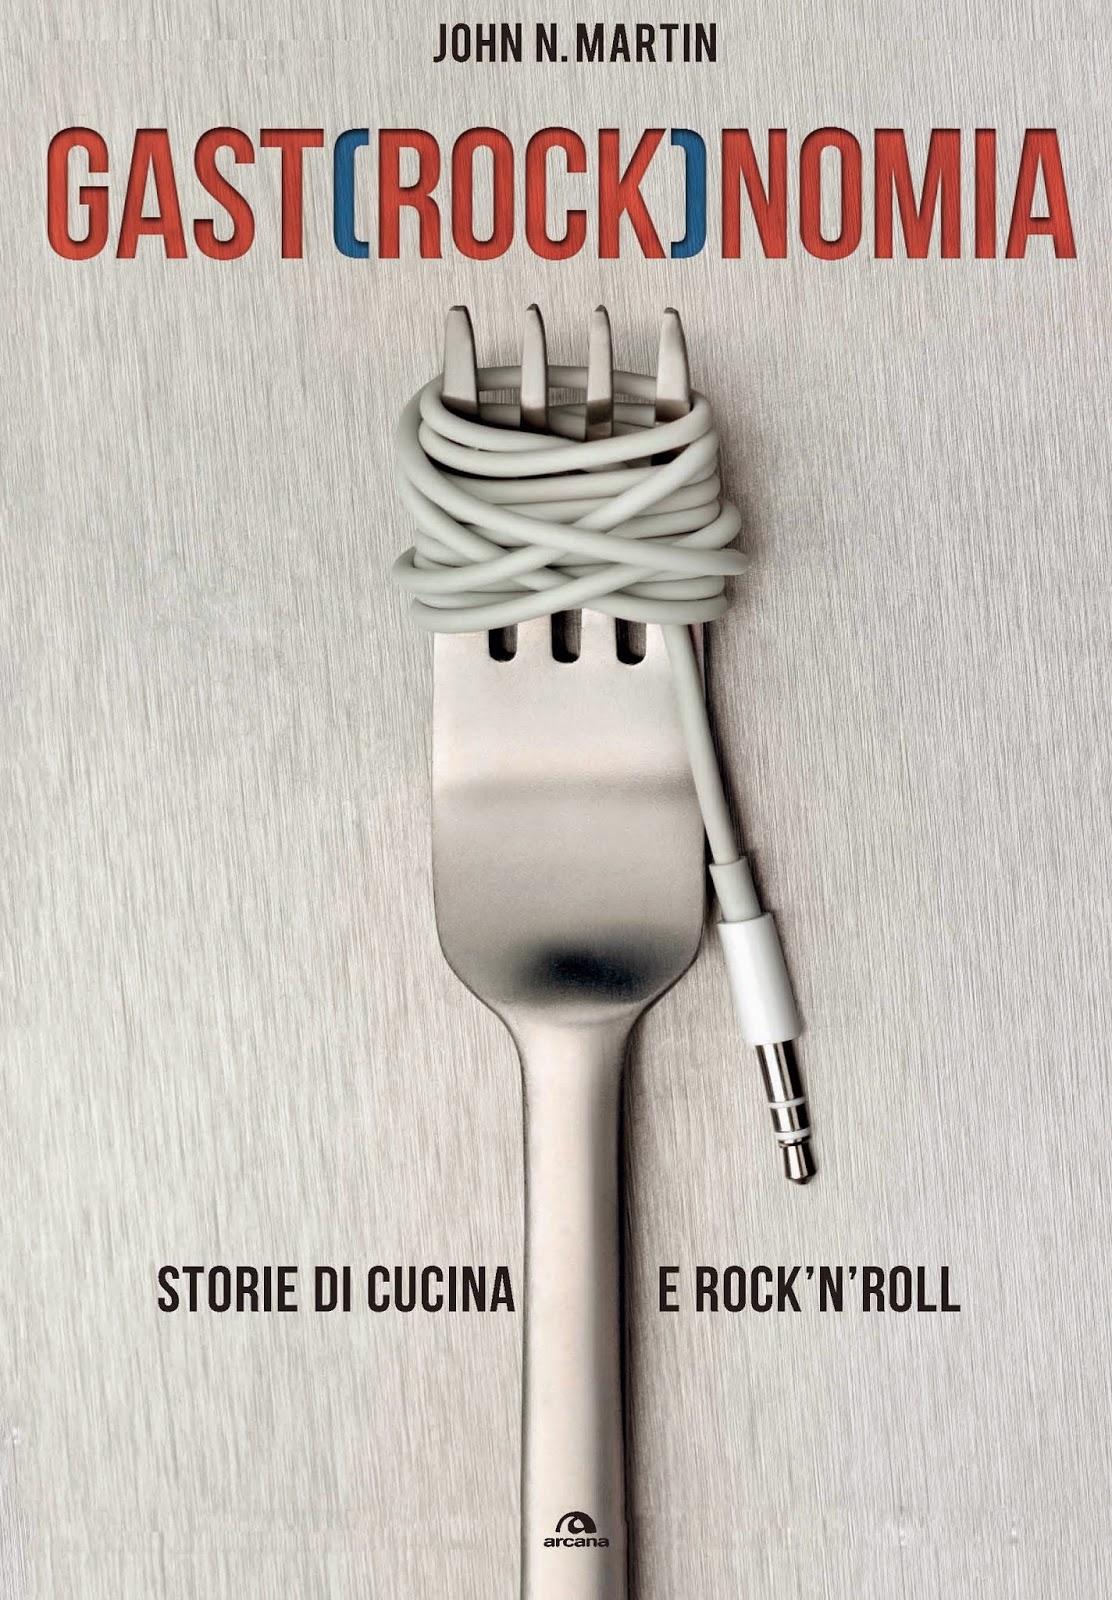 Gastrocknomia storie di cucina e rock'n'roll